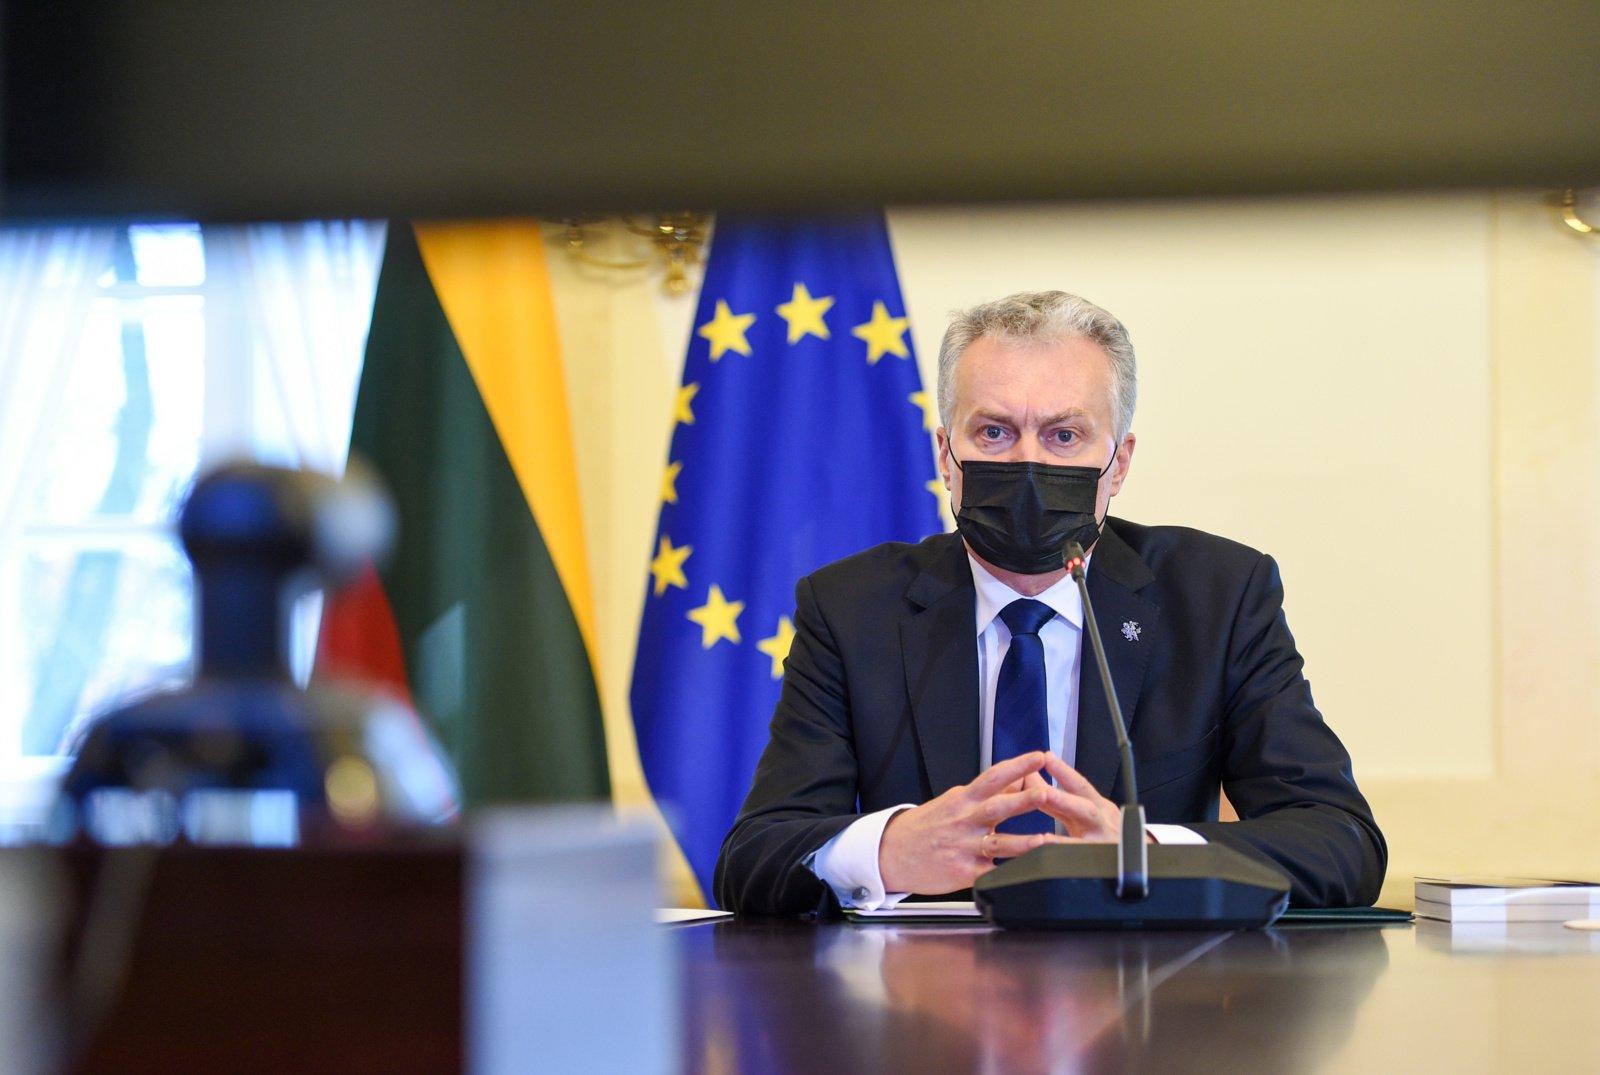 Prezidentūra: kolektyvinį imunitetą nuo COVID-19 reikėtų pasiekti iki vasaros vidurio